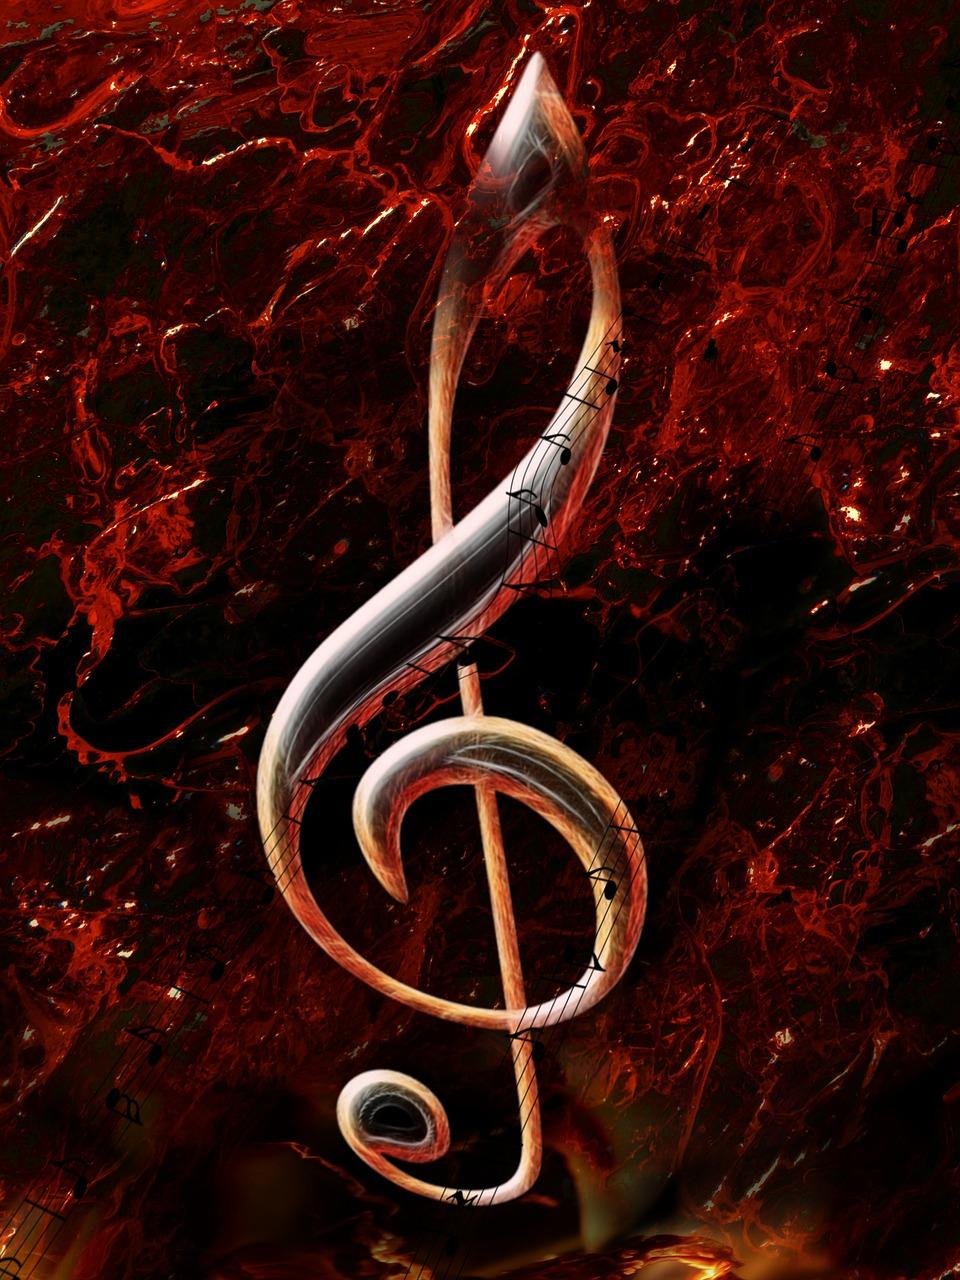 Картинки скрипичного ключа в огне заинтересовали